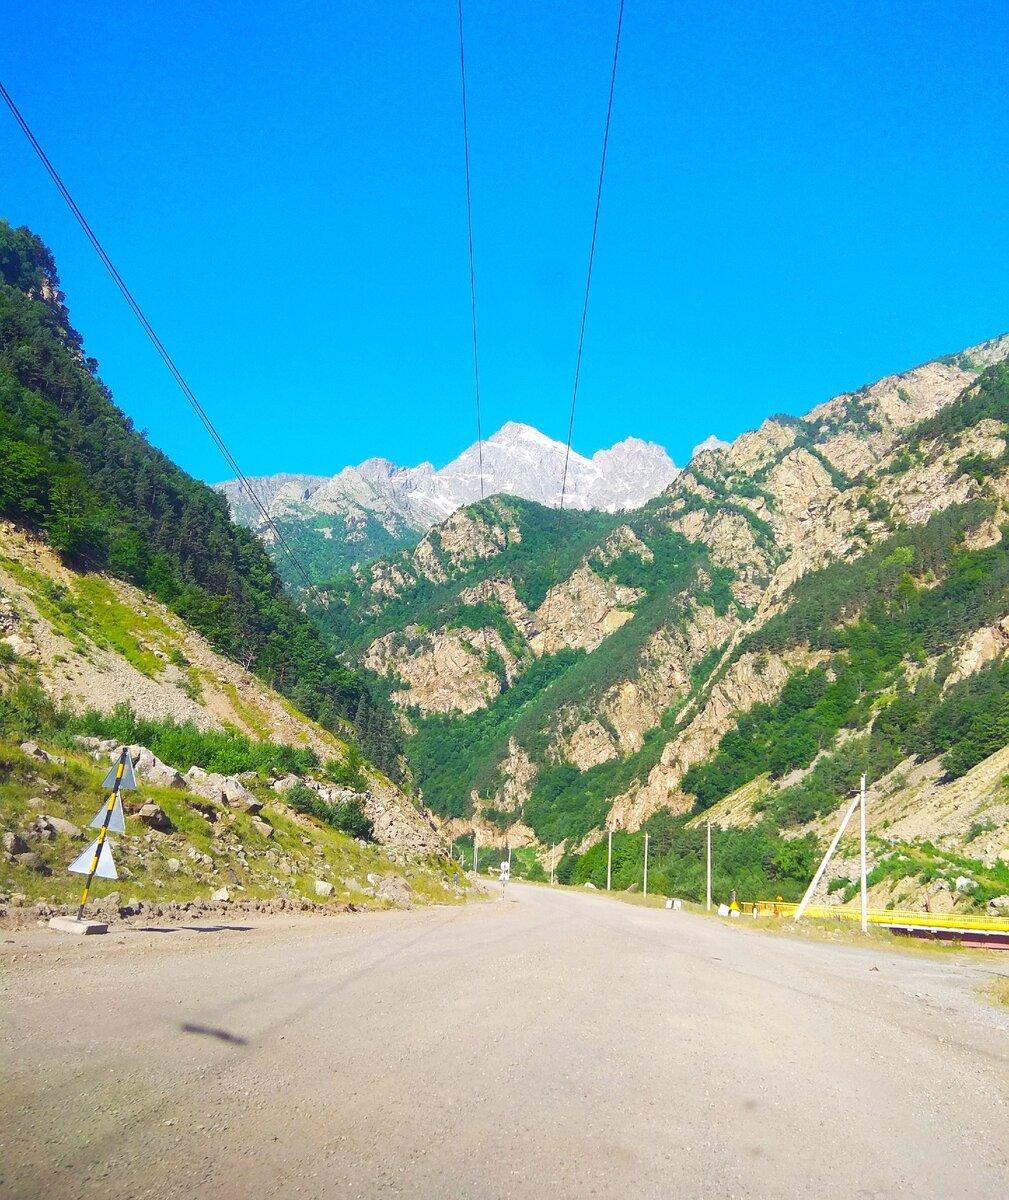 Южная Осетия - это вам не Северная! Неоднозначные впечатления от поездки, общение с местными.